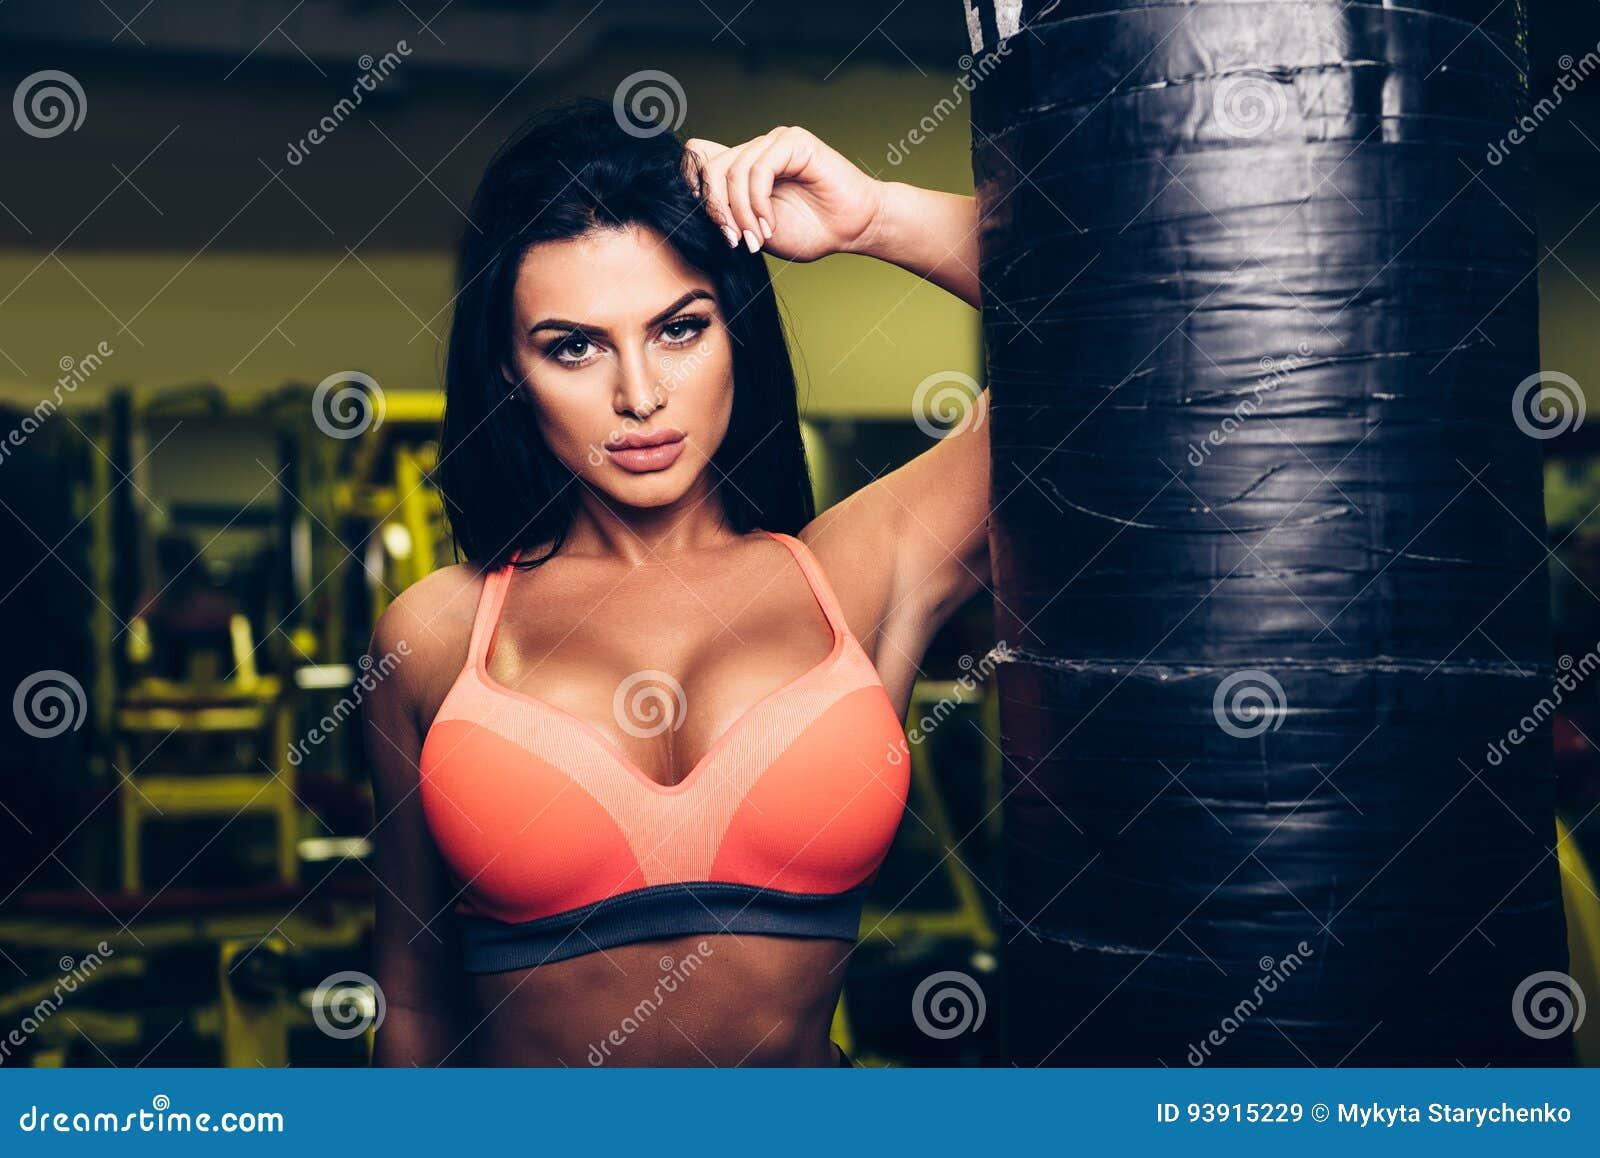 Femme sexy de modèle de forme physique posant près du sac de sable dans le gymnase de sport